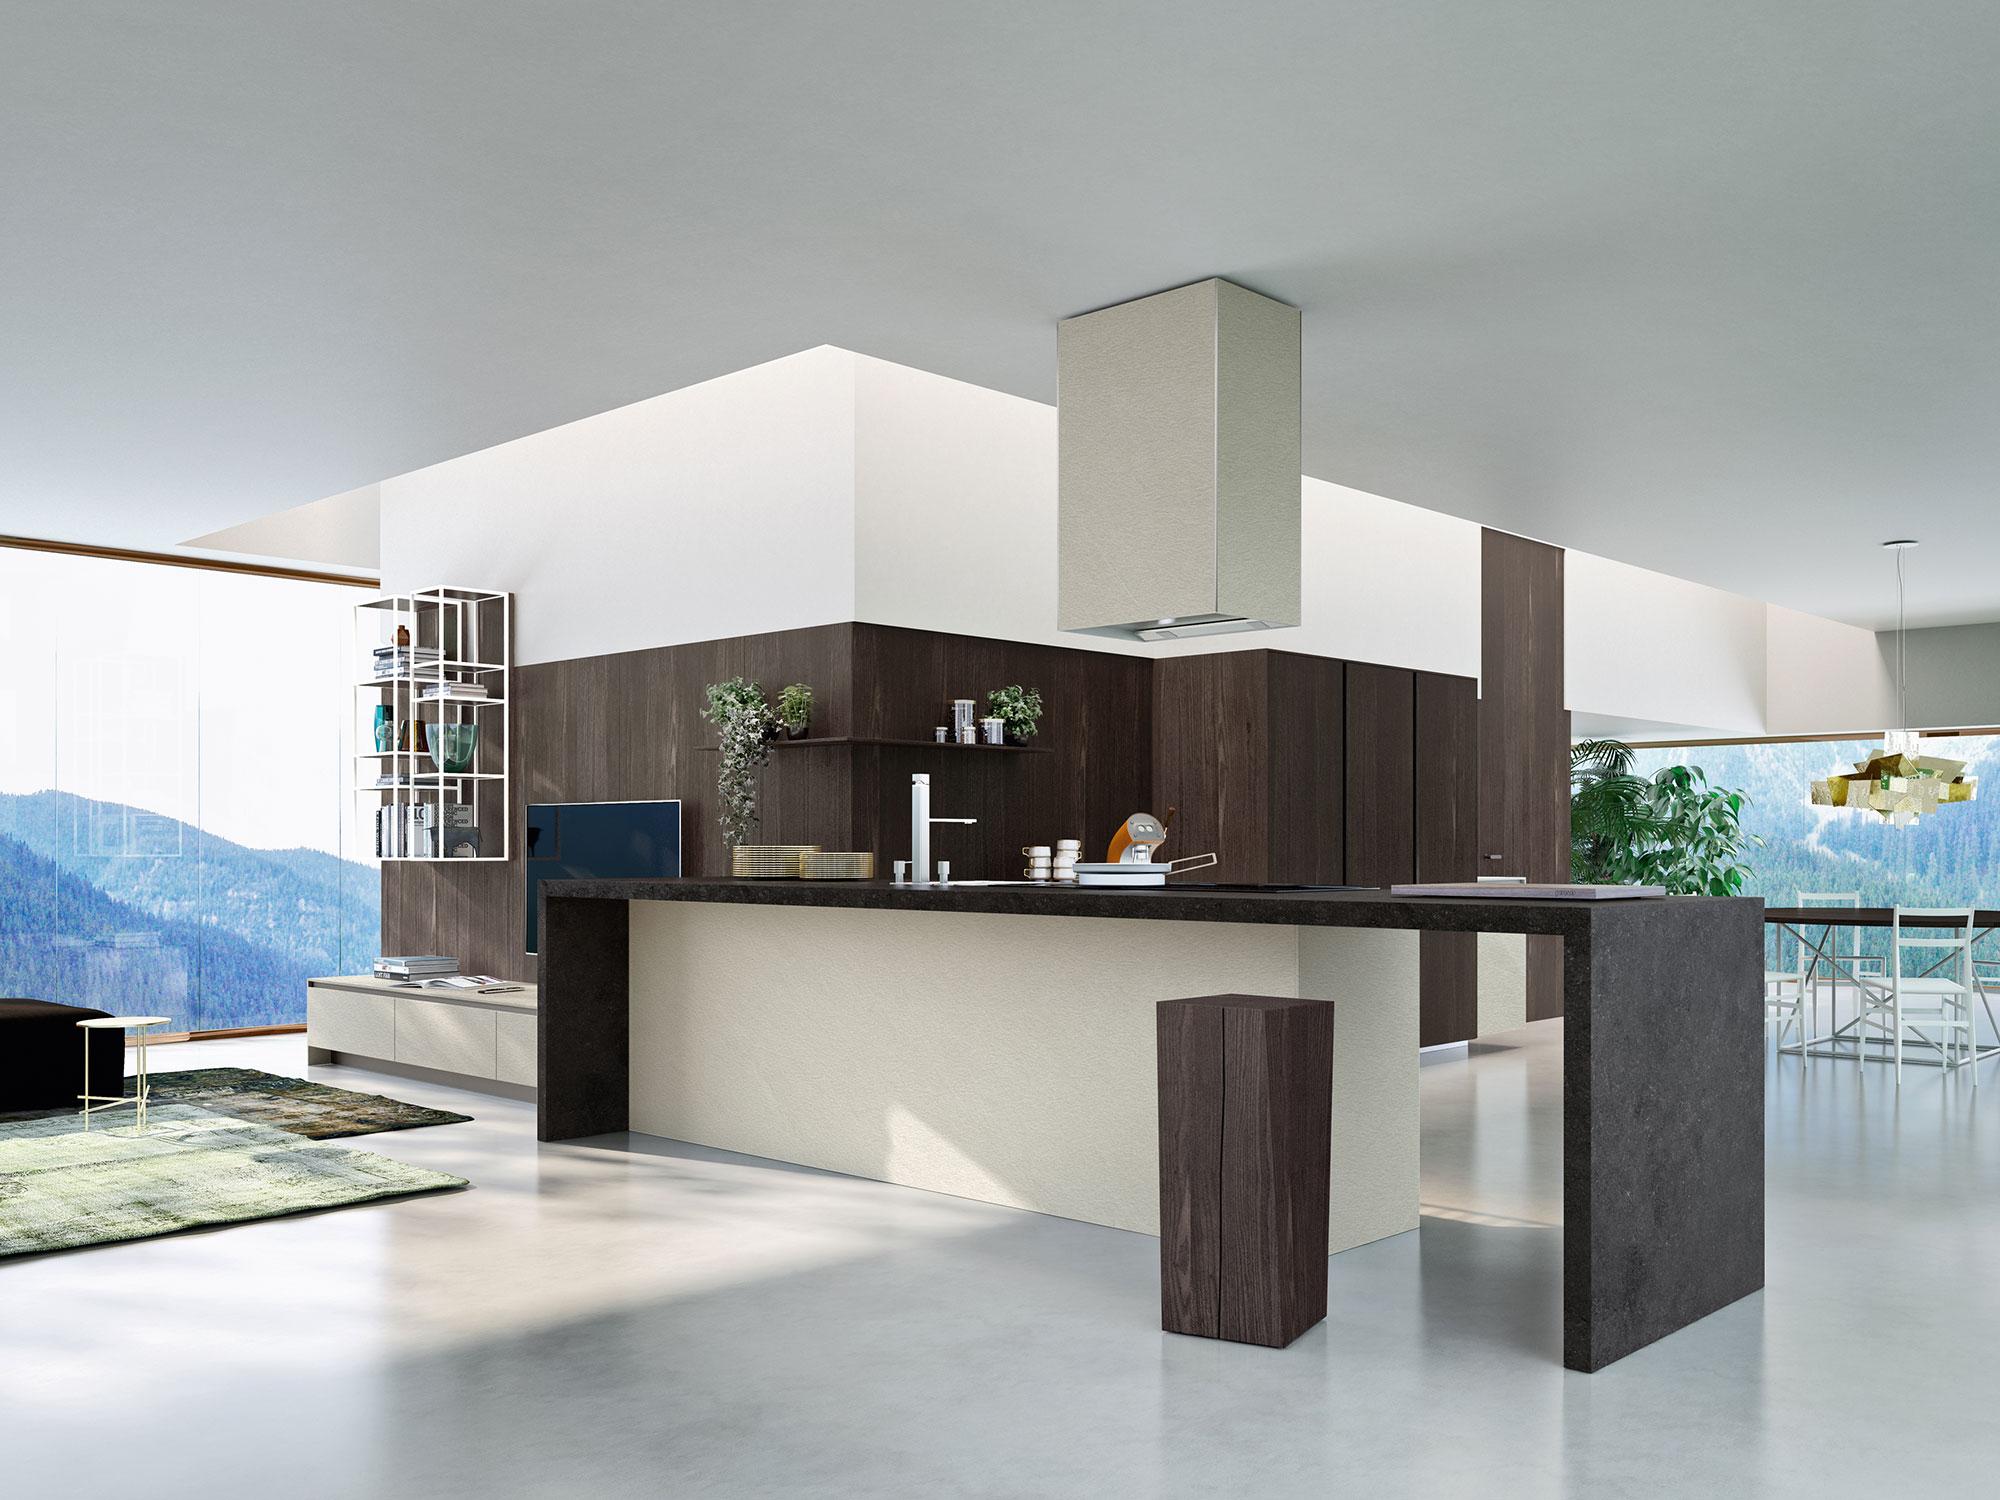 cucina-Way-olmo-caffe-2